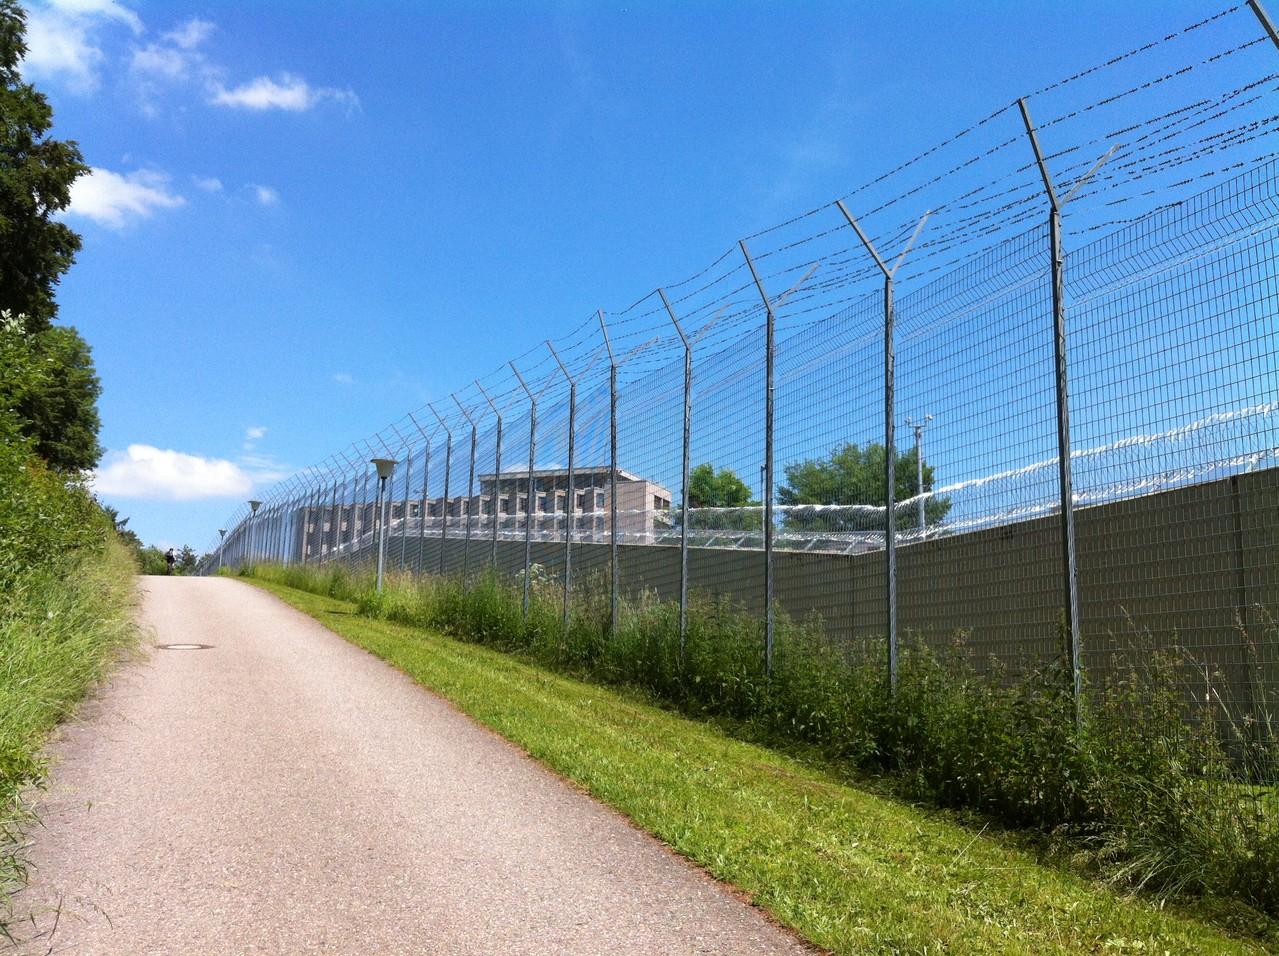 Fotograf: K.K (Das Gefängnis von Ravensburg – außen)